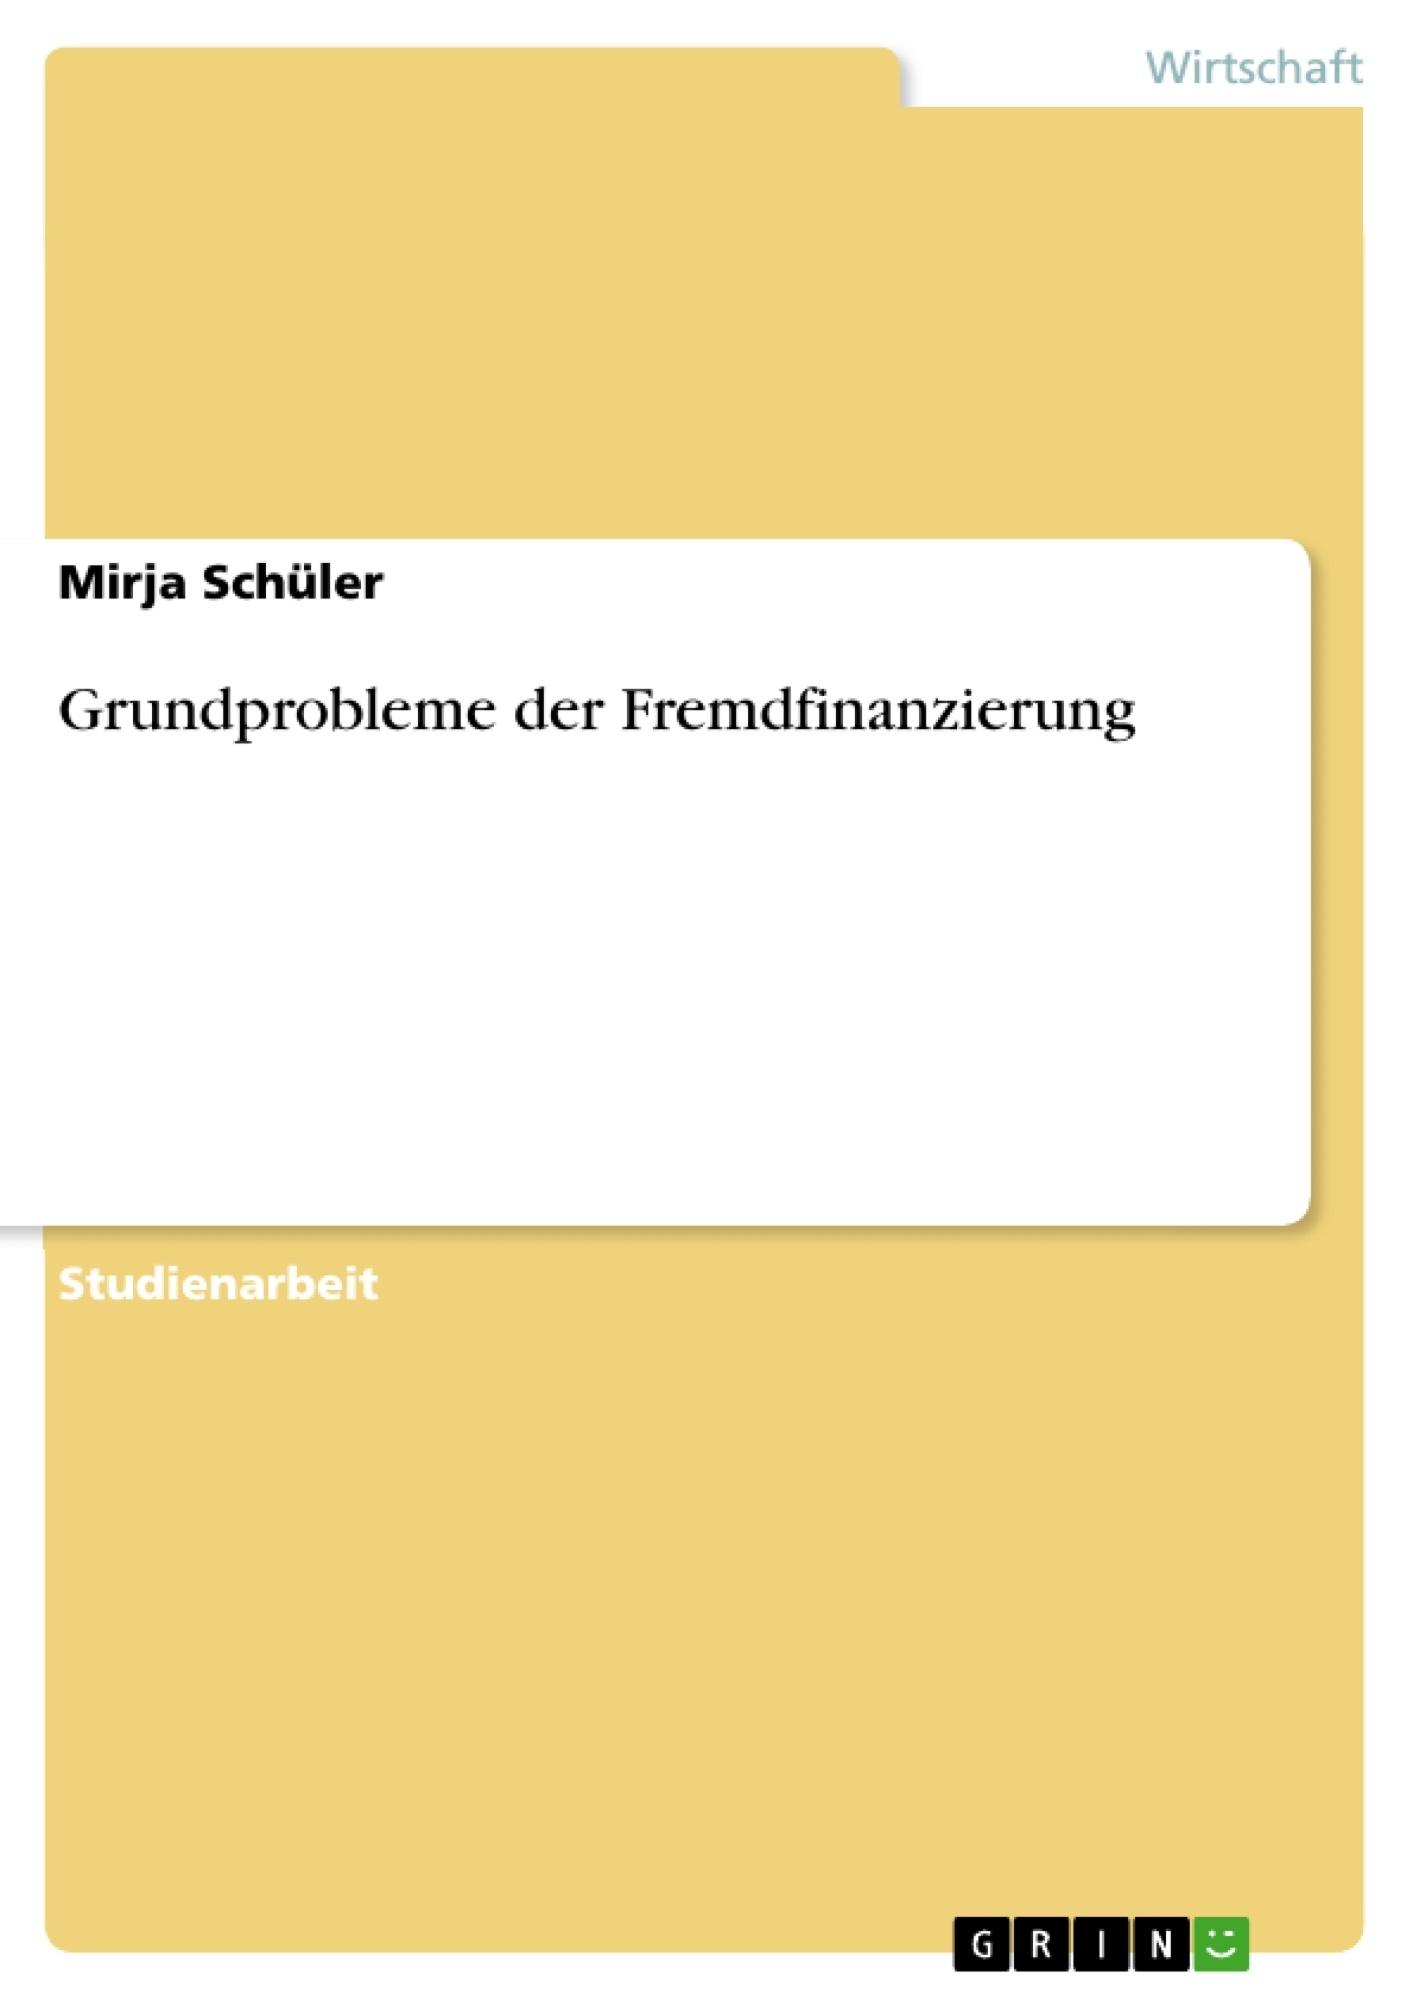 Titel: Grundprobleme der Fremdfinanzierung